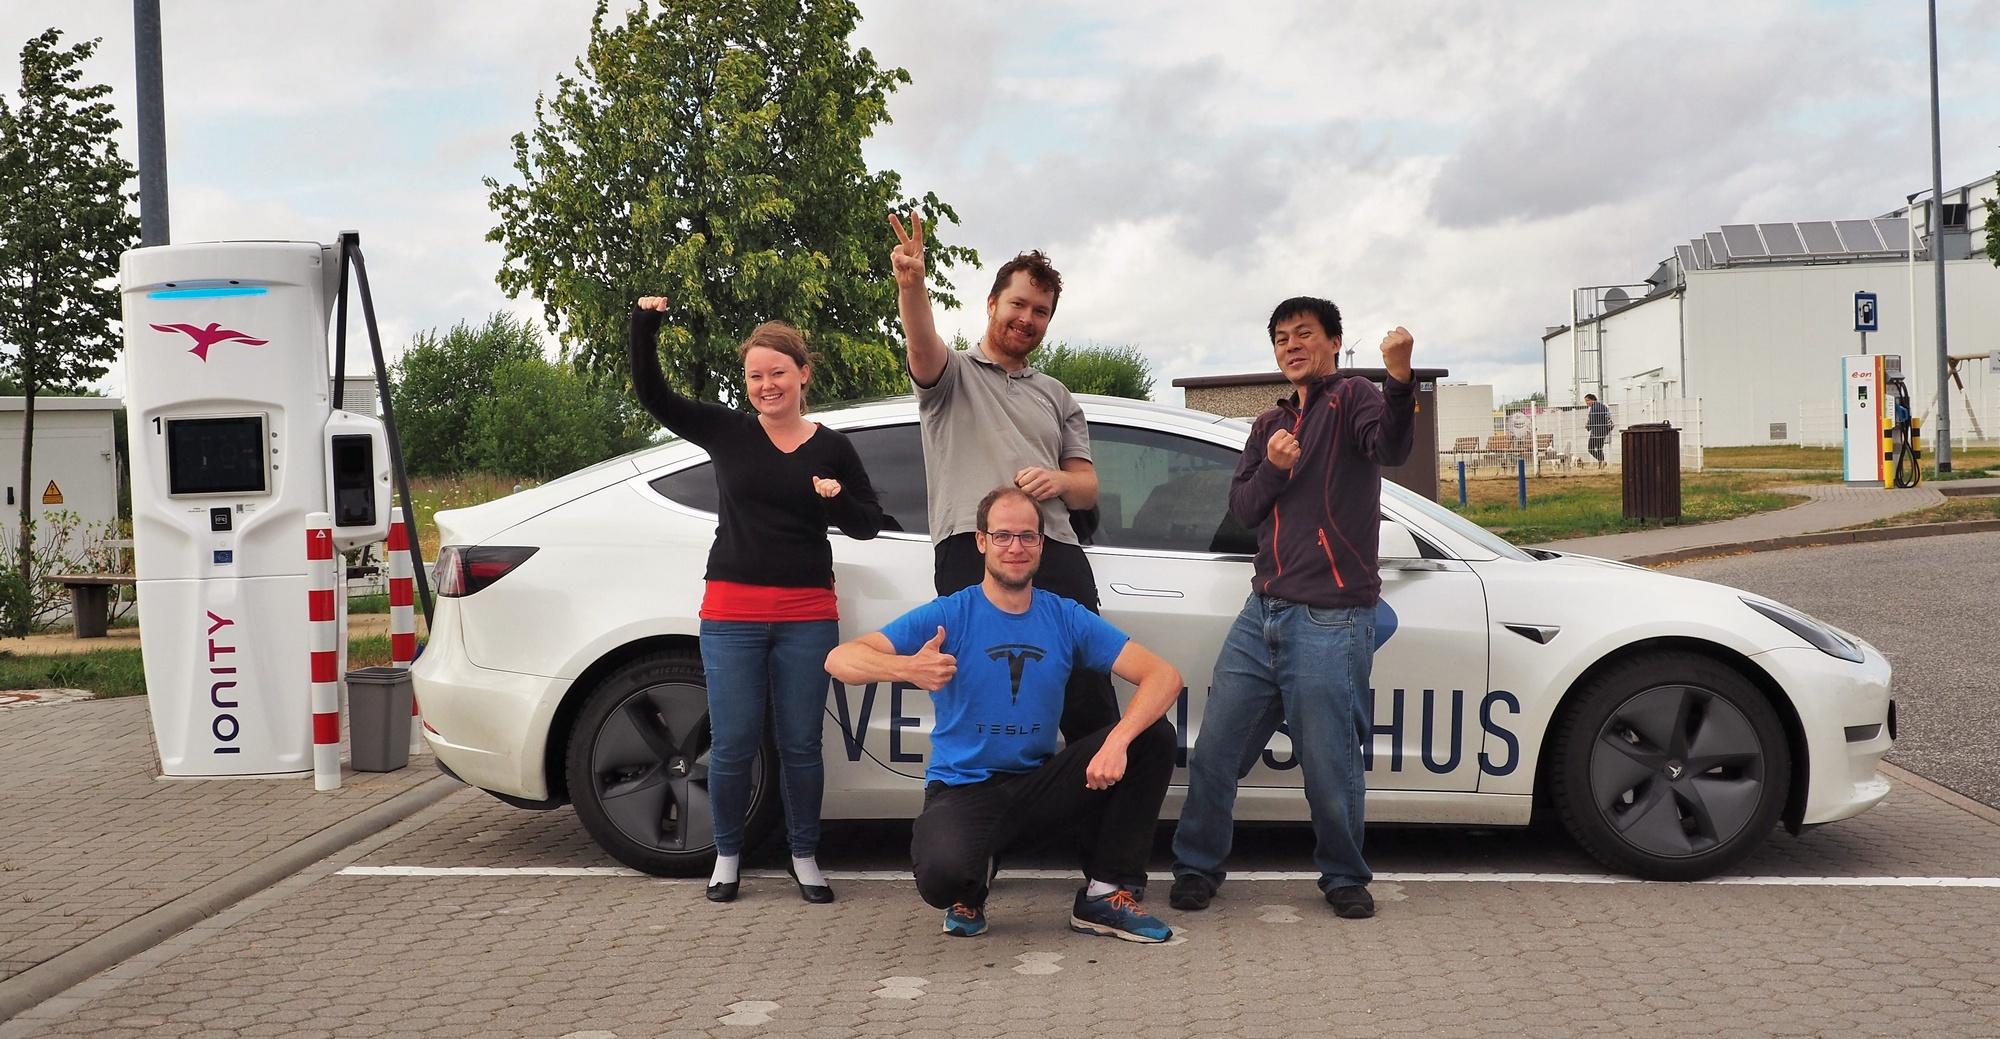 Норвежец установил мировой рекорд суточной дальности хода для электромобилей проехав 2781 км за 24 часа на Tesla Model 3